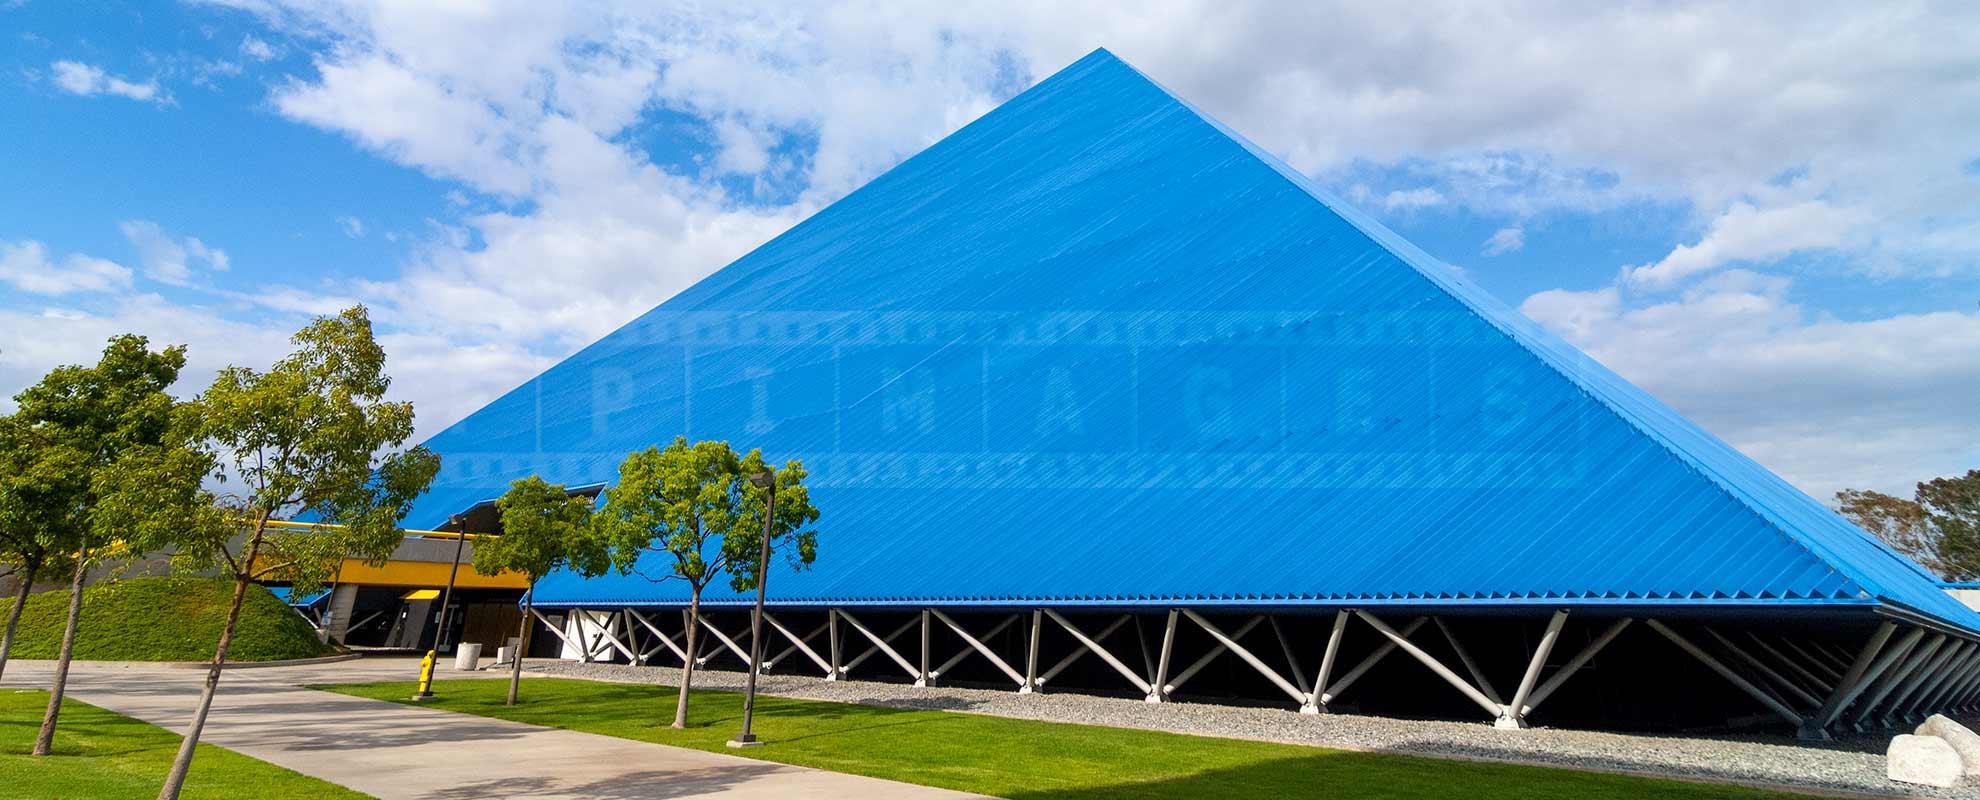 Cobalt blue pyramid and beautiful grounds